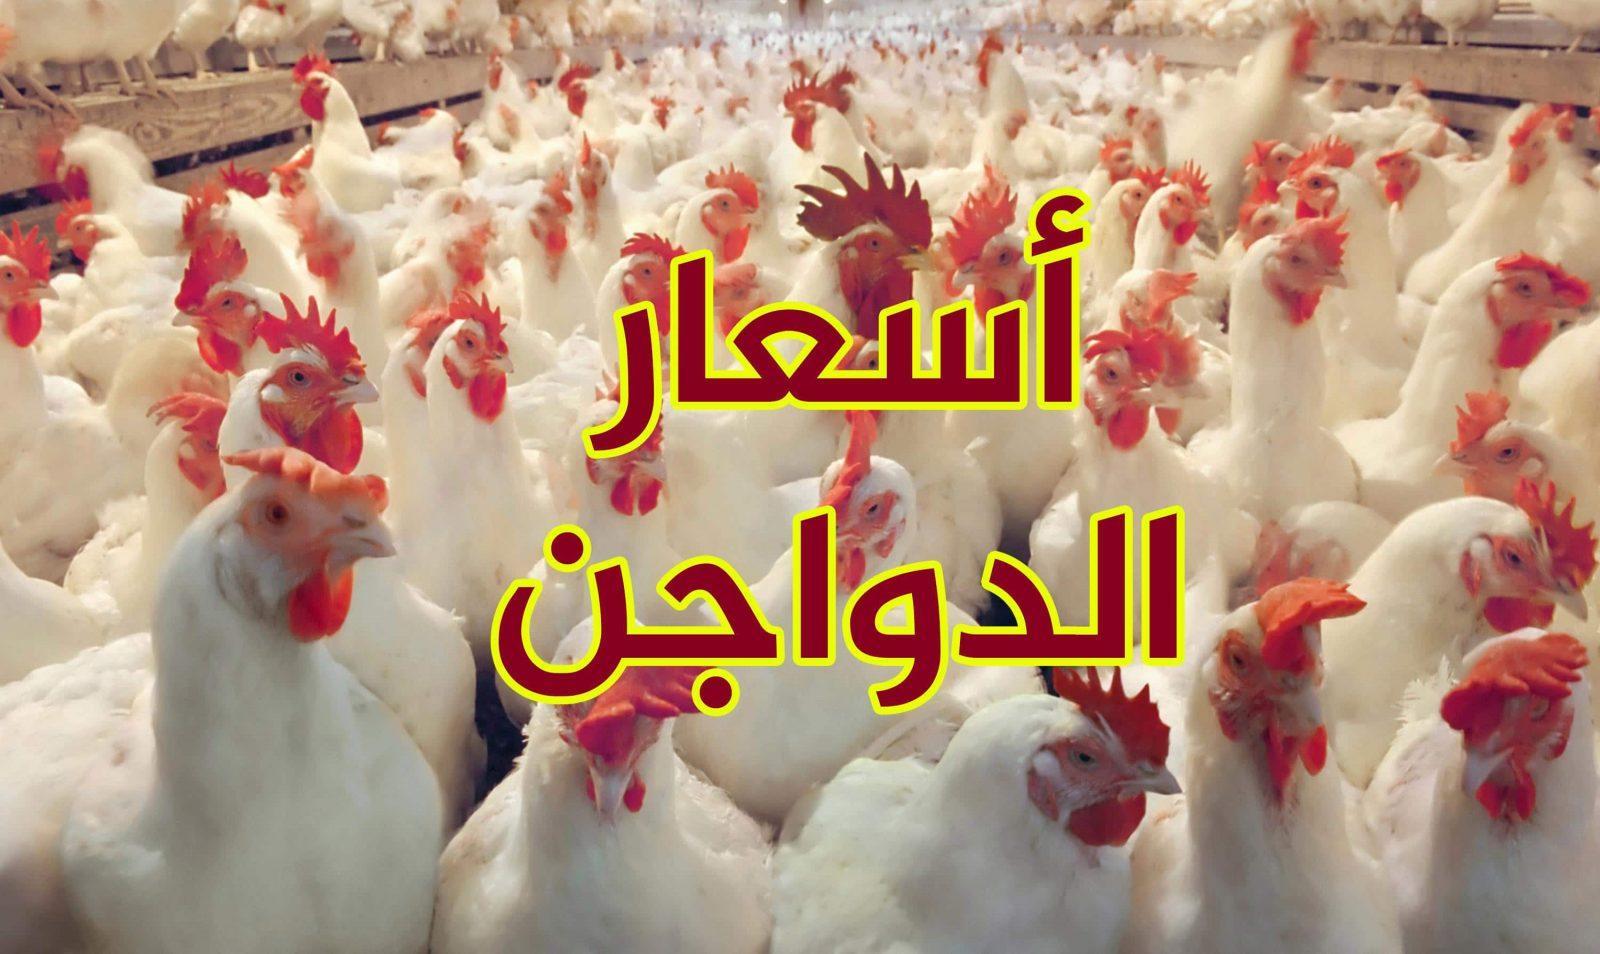 أسعار الفراخ البيضاء اليوم في مصر 2020